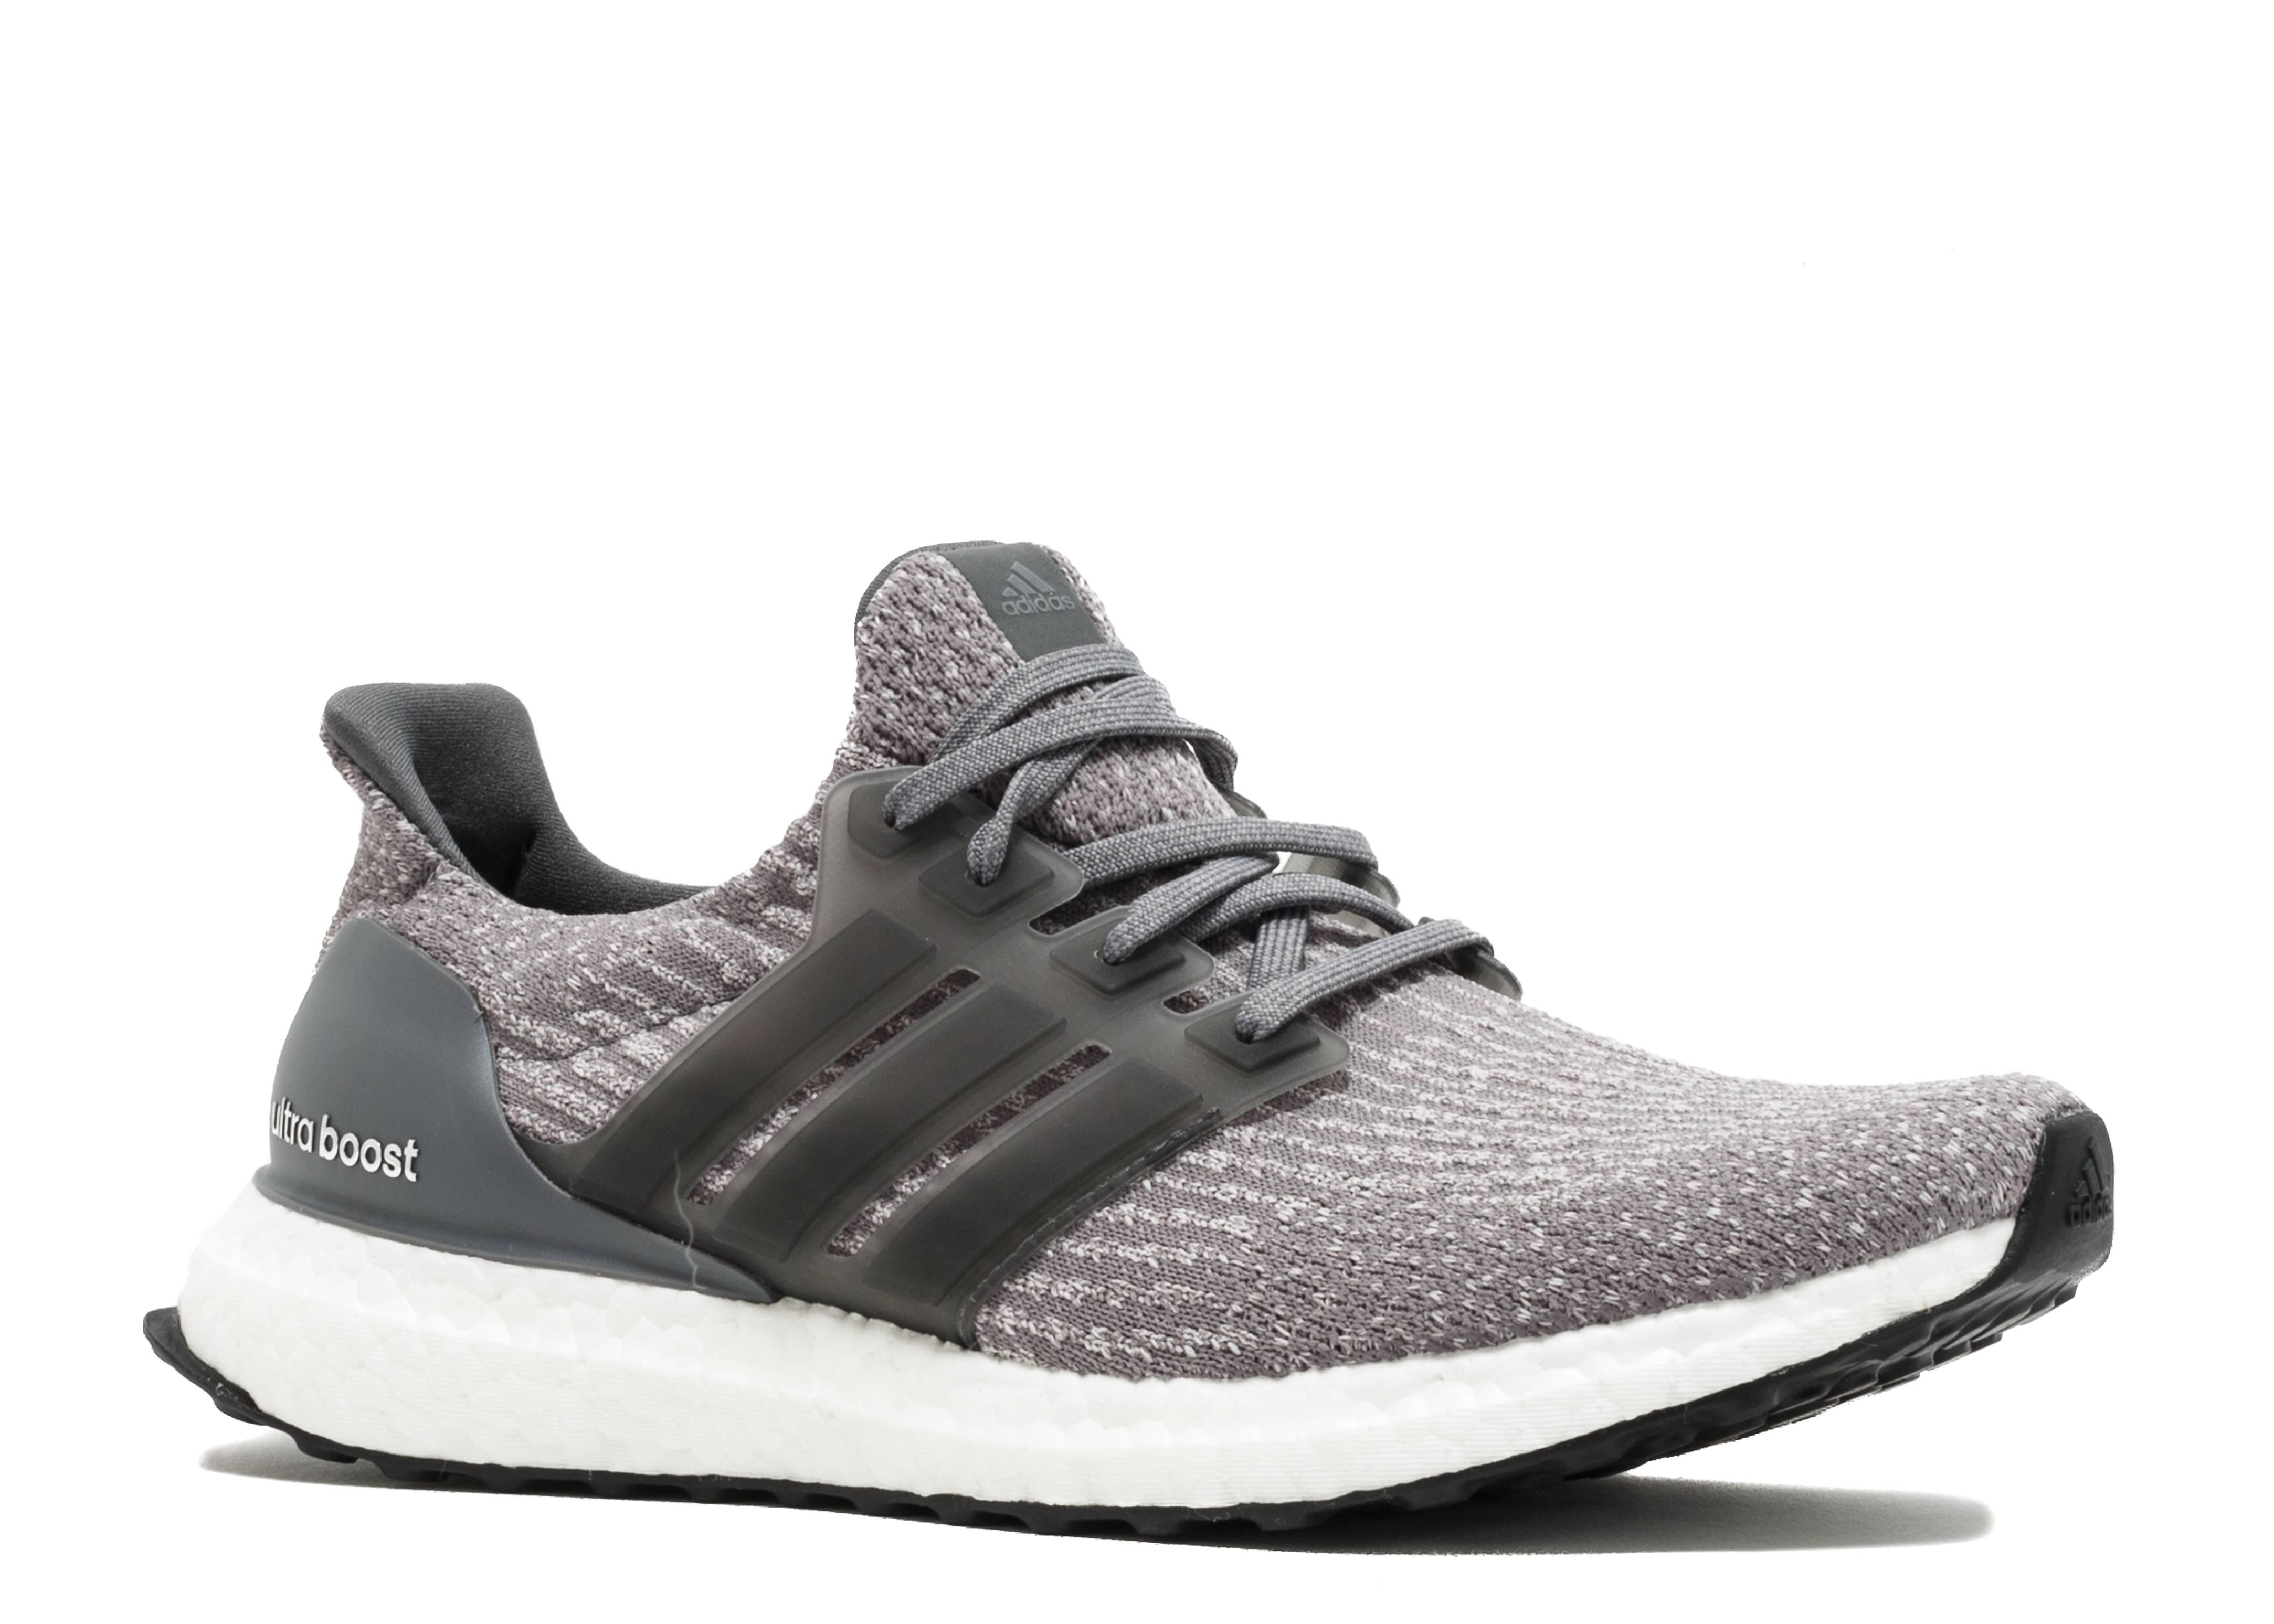 2b98a2d499f18 Ultraboost W - Adidas - s82052 - grey grey